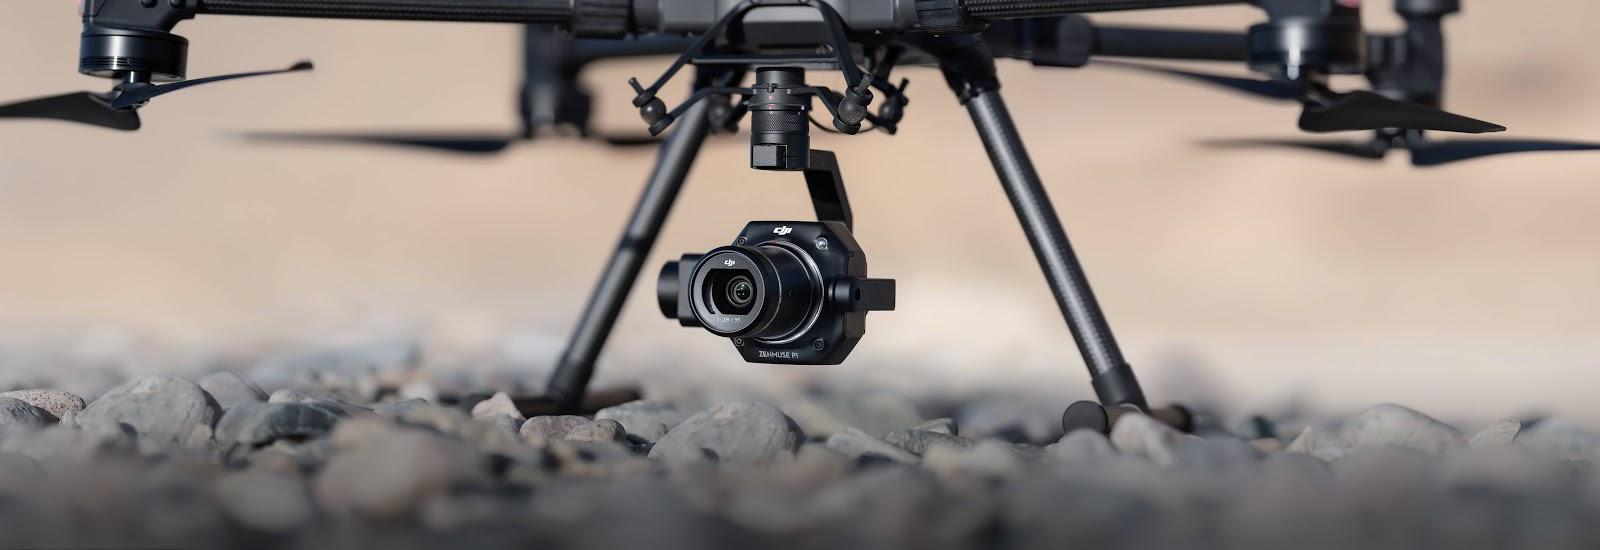 dji-zenmuse-p1-enterprise-dronex (13)